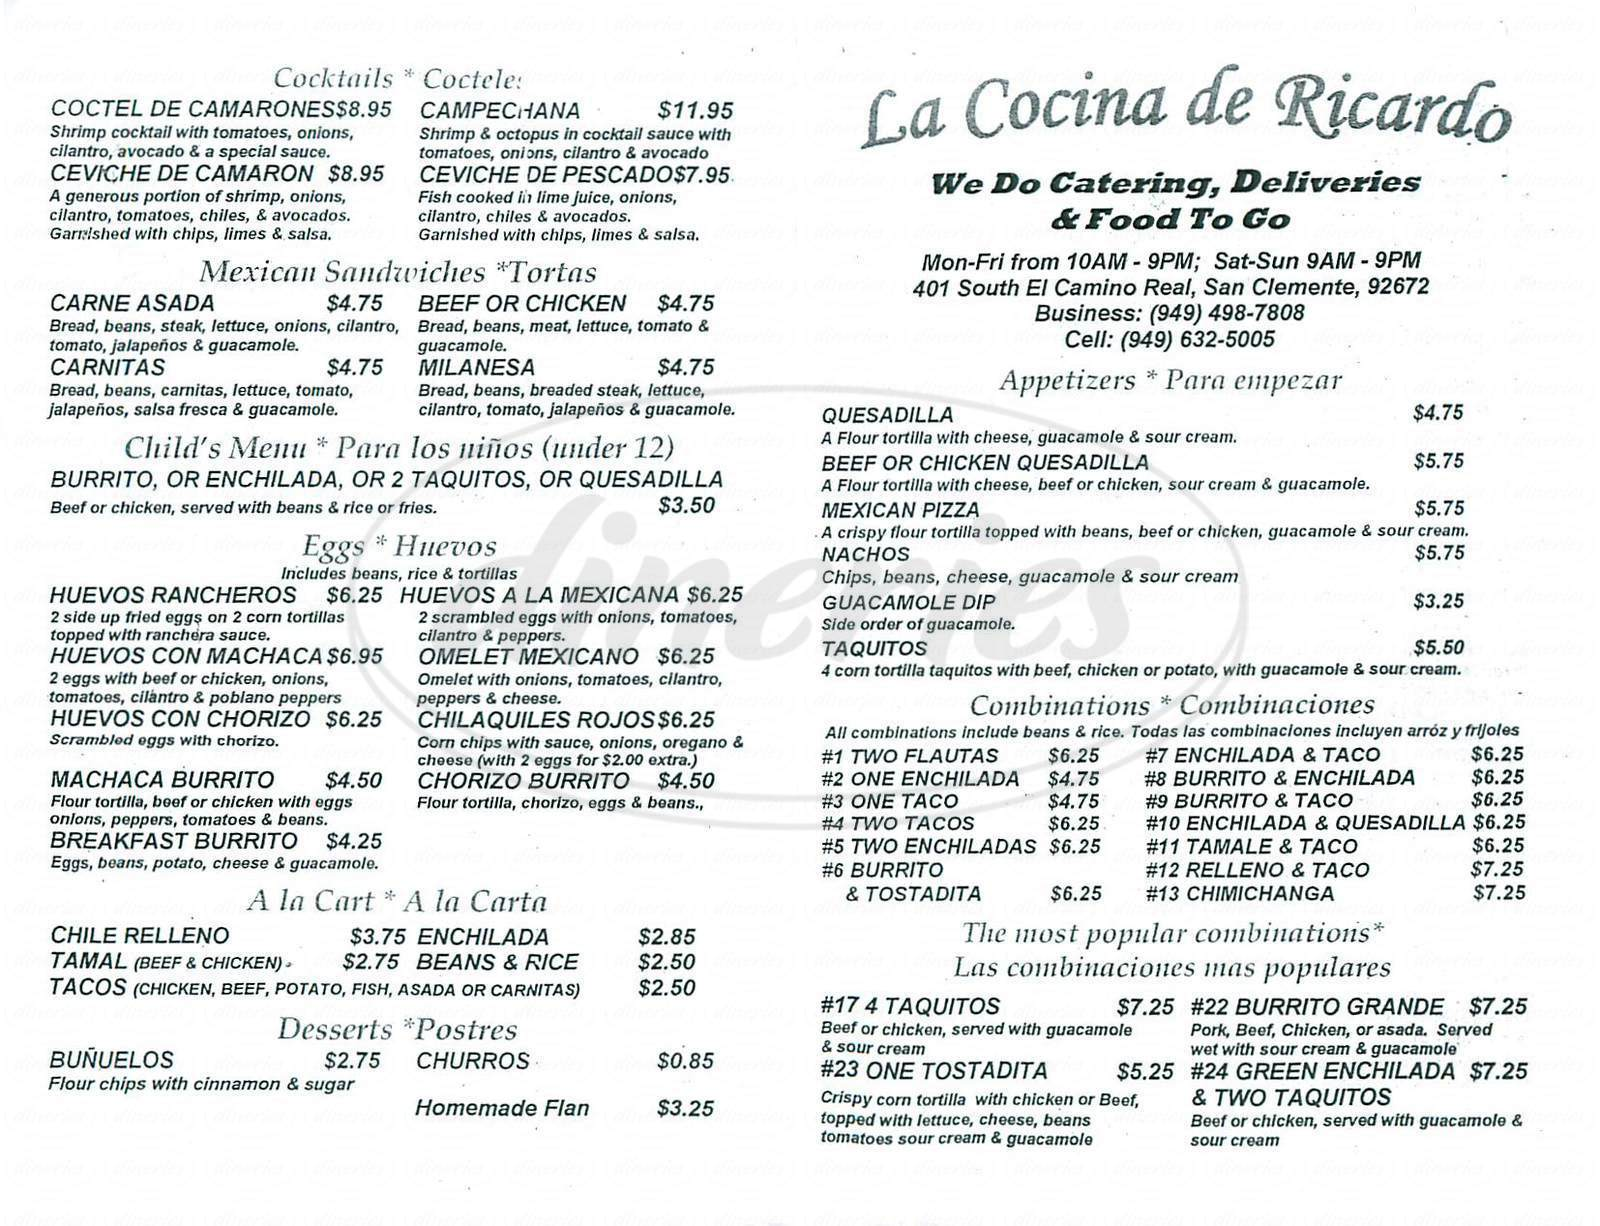 menu for La Cocina de Ricardo